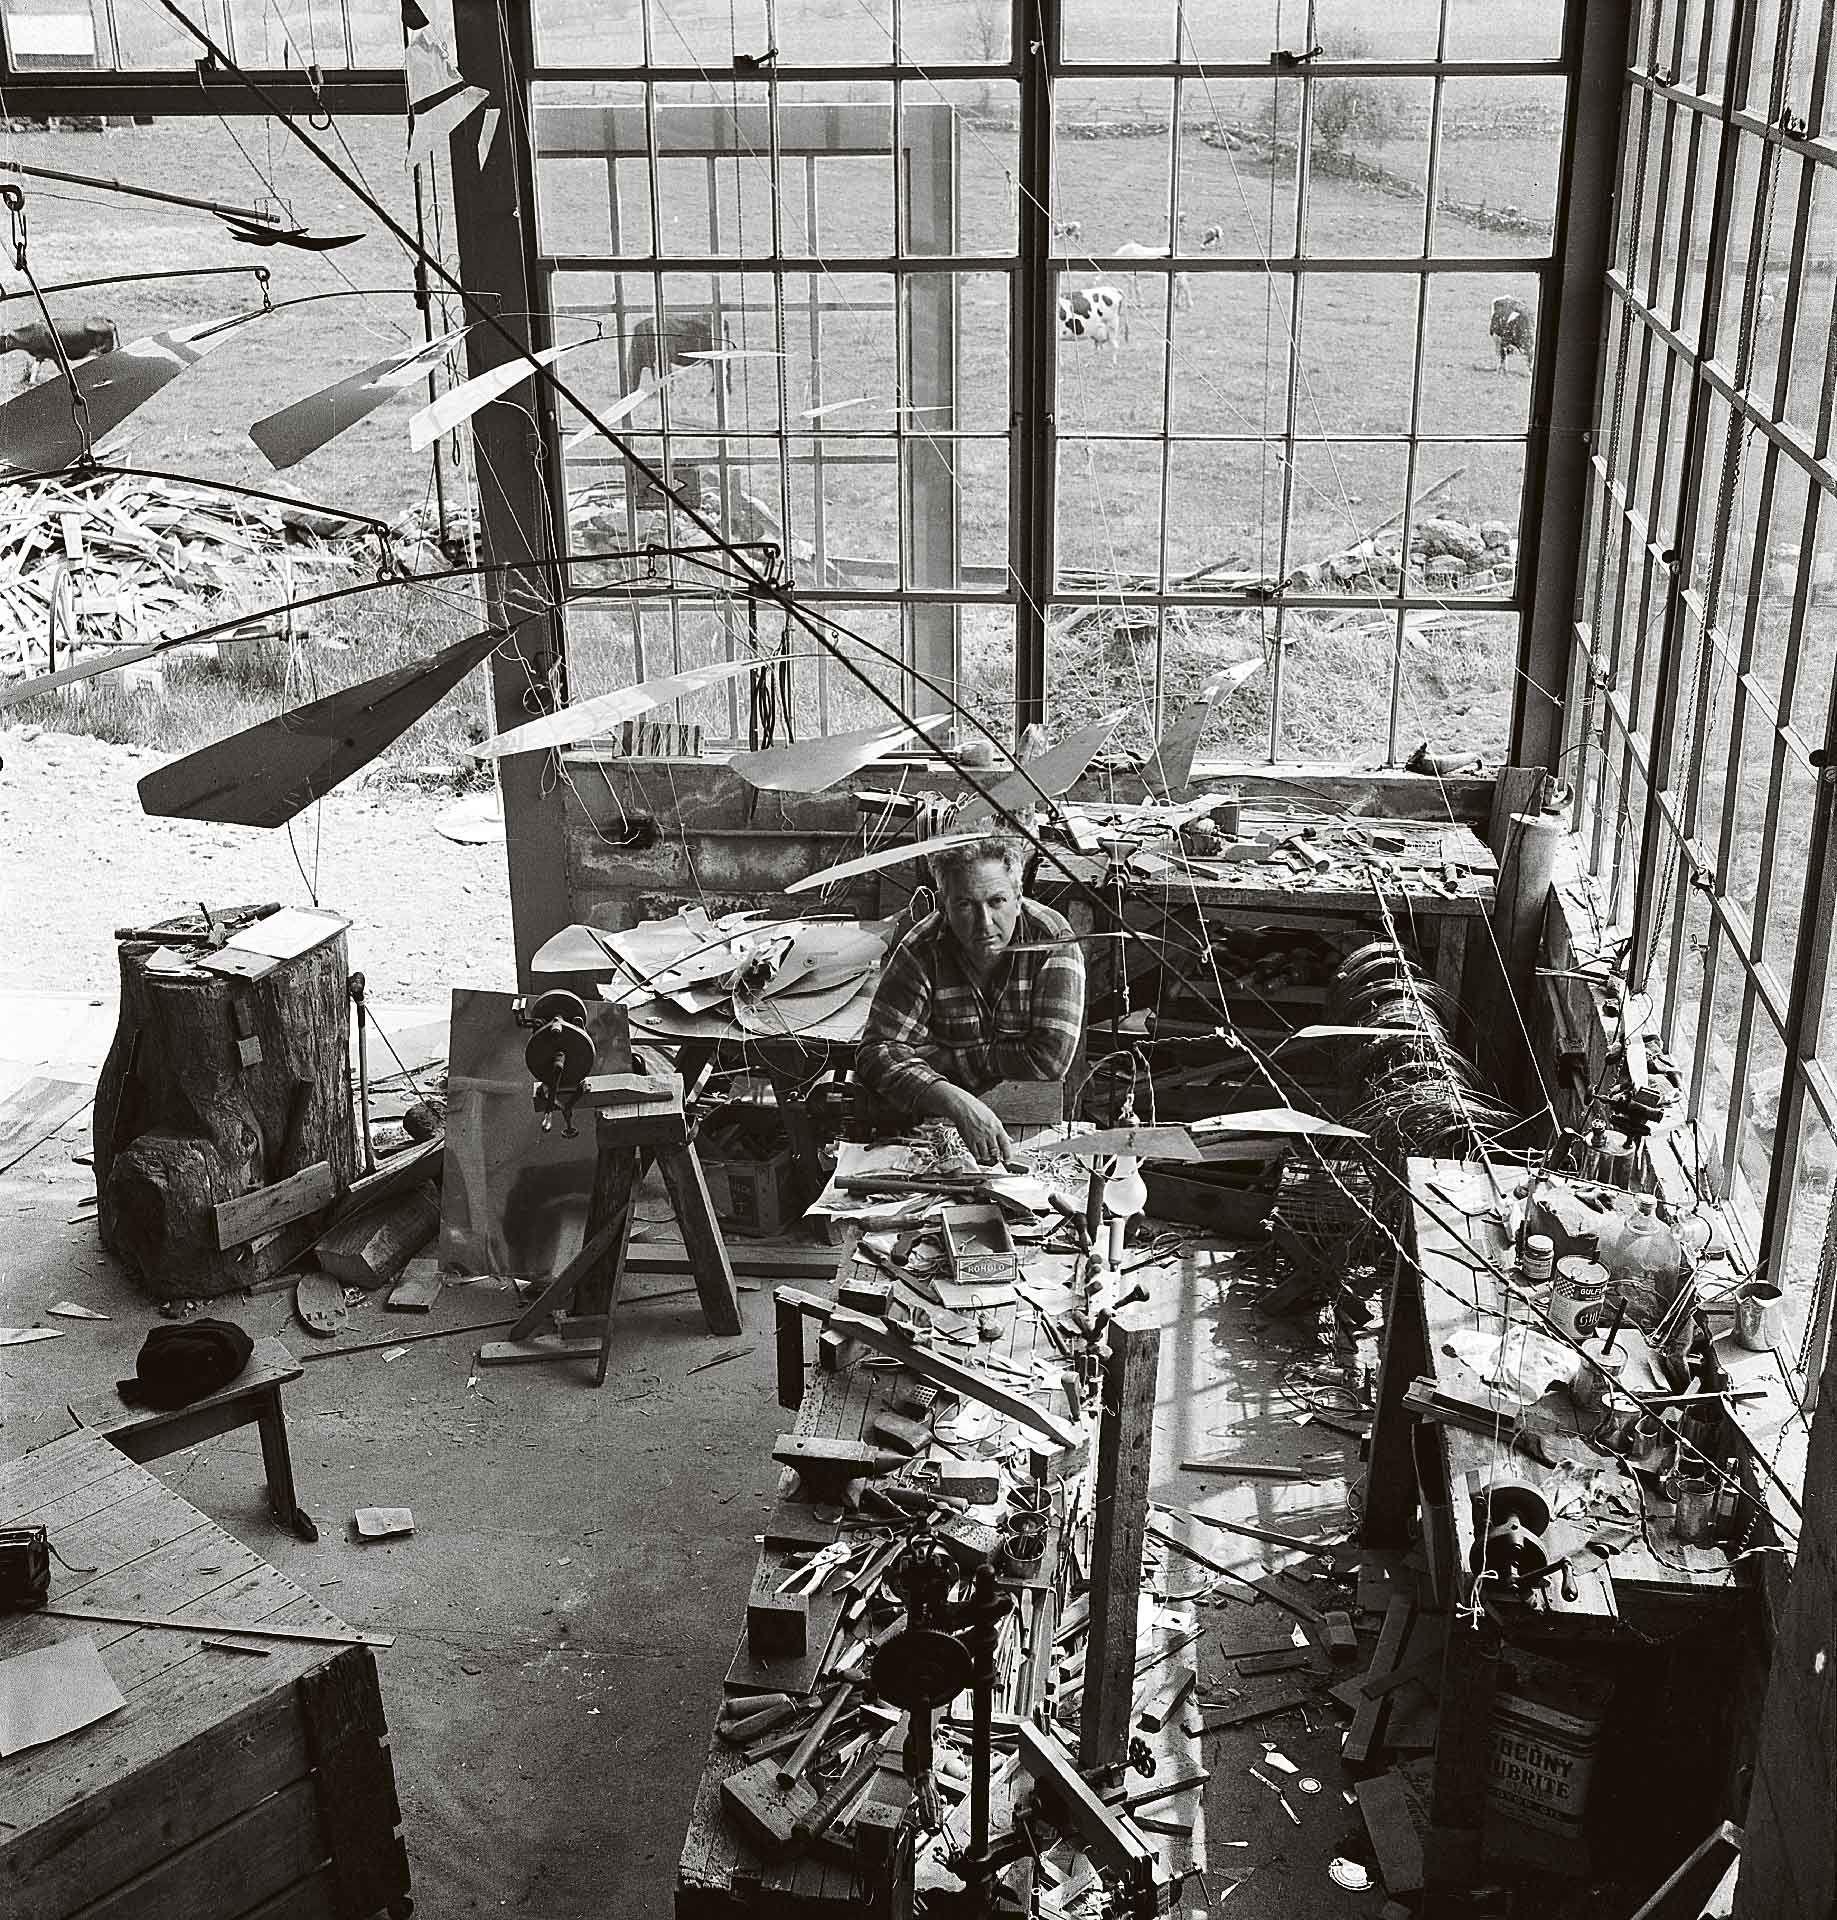 Herbert Matter (1907-1984), Calder in His Roxbury Studio, Connecticut, 1941